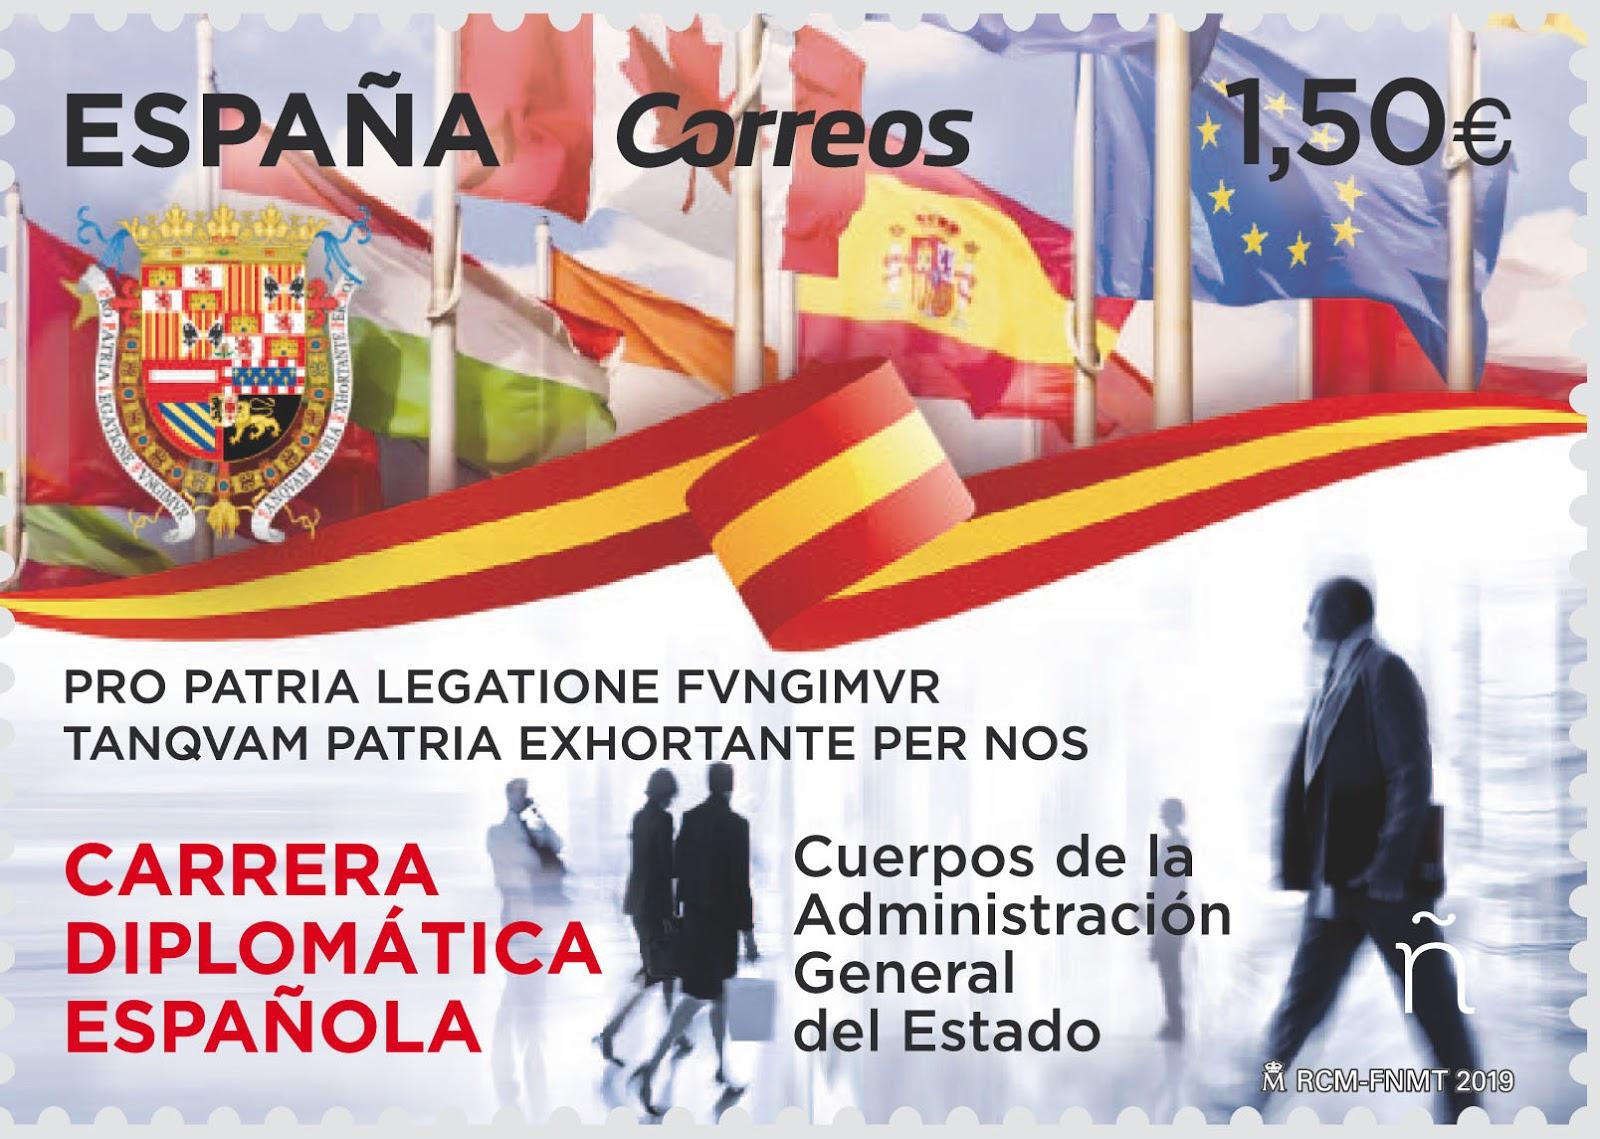 Carrera Diplomática Española